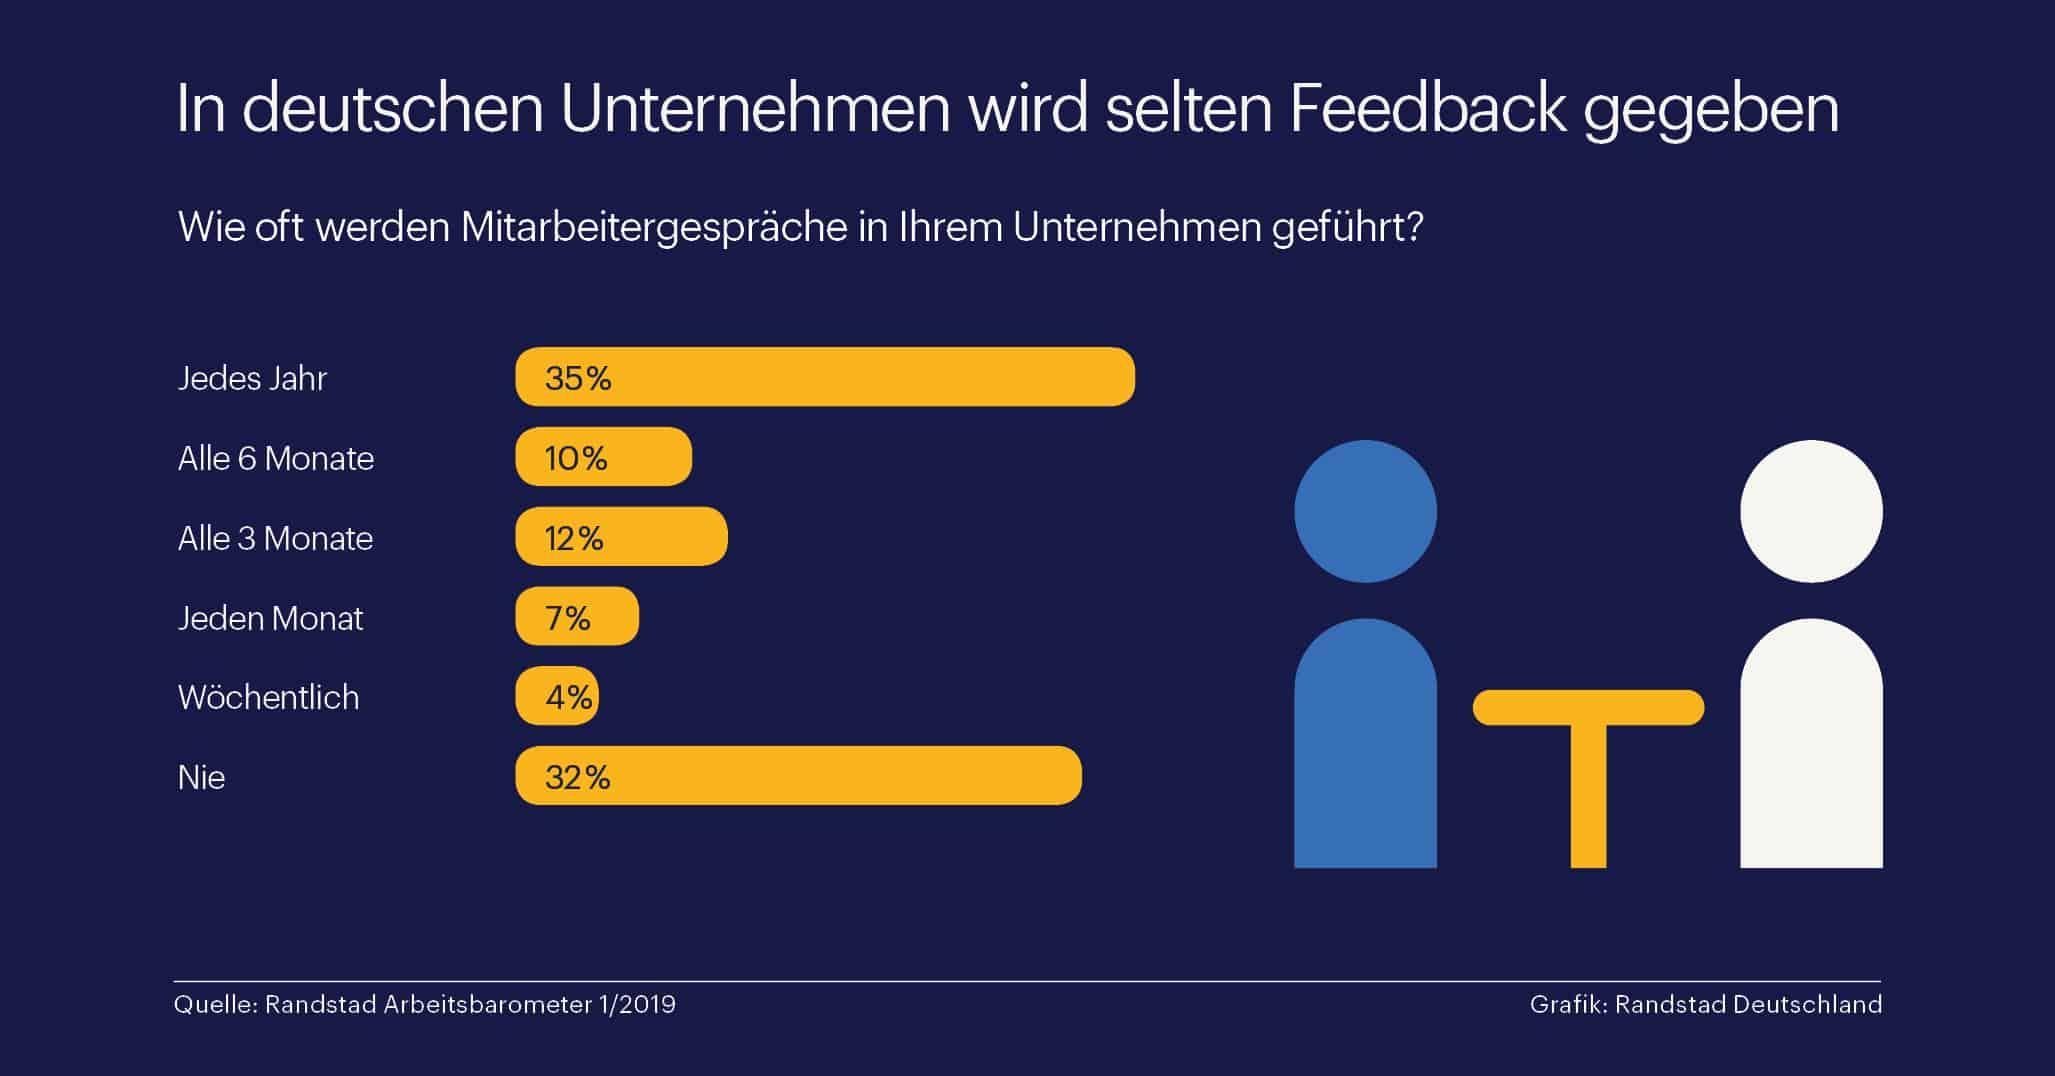 Eine Grafik zeigt: in vielen deutschen Betrieben werden keine Mitarbeitergespräche geführt oder Feedback gegeben (Boreout).